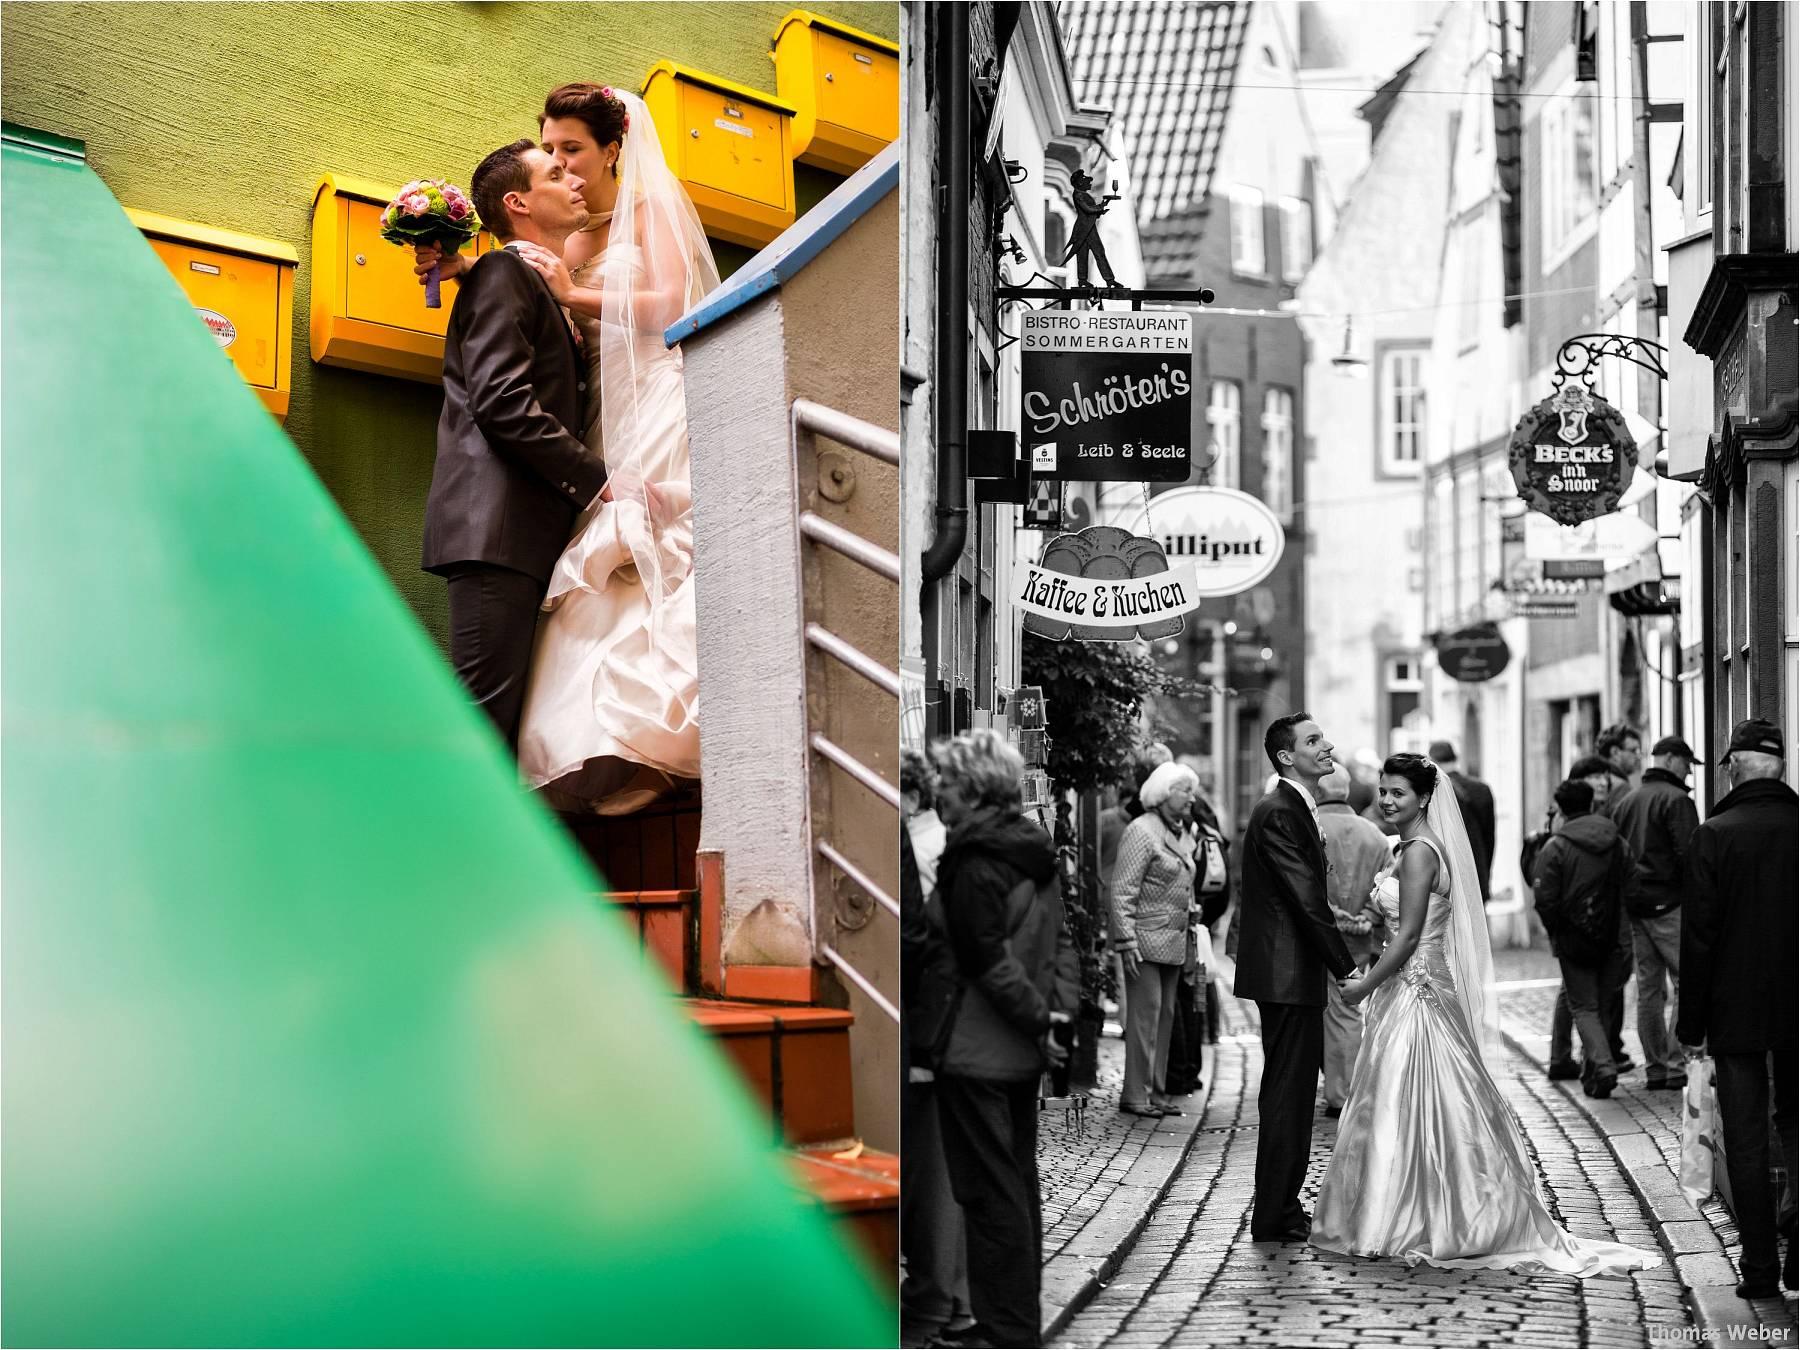 Hochzeitsfotograf Bremen: Kirchliche Trauung in der Propsteikirche St. Johann im Bremer Schnoor und Hochzeitsfeier bei Rogge Dünsen (22)